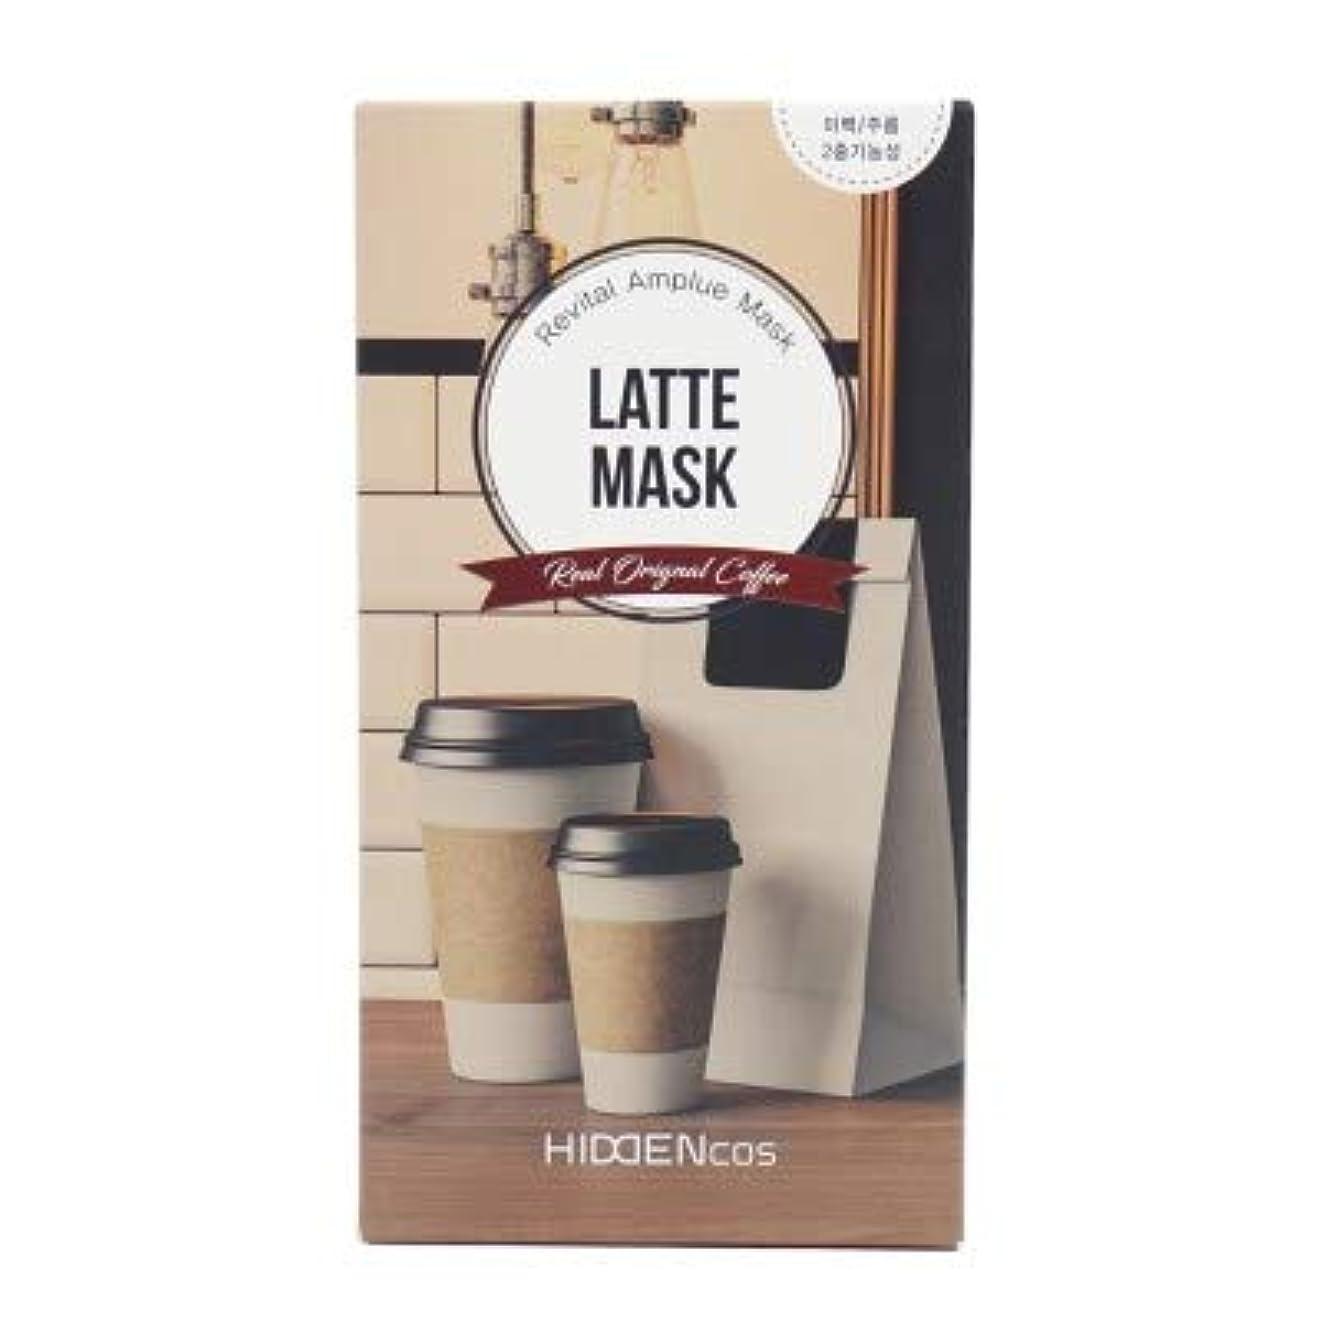 スキー資料頬ヒデンコス(Hiddencos) リバイタルアンプルマスクラテマスク25gx10 / Revital Ampoule Mask Latte Mask